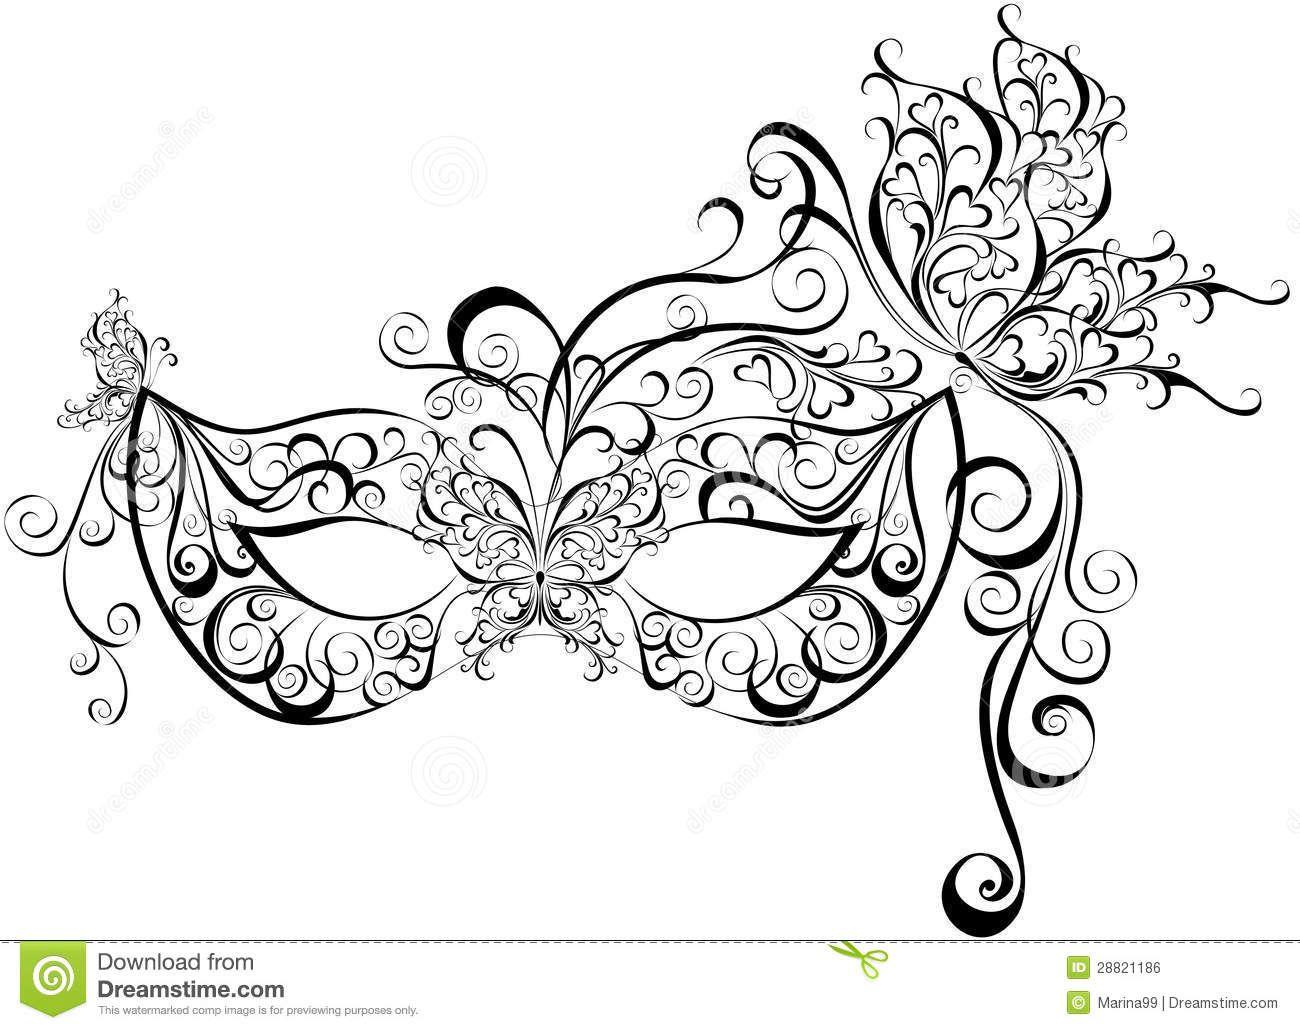 Masques pour une mascarade image libre de droits image 28821186 tatouage iv pinterest - Dessins carnaval ...